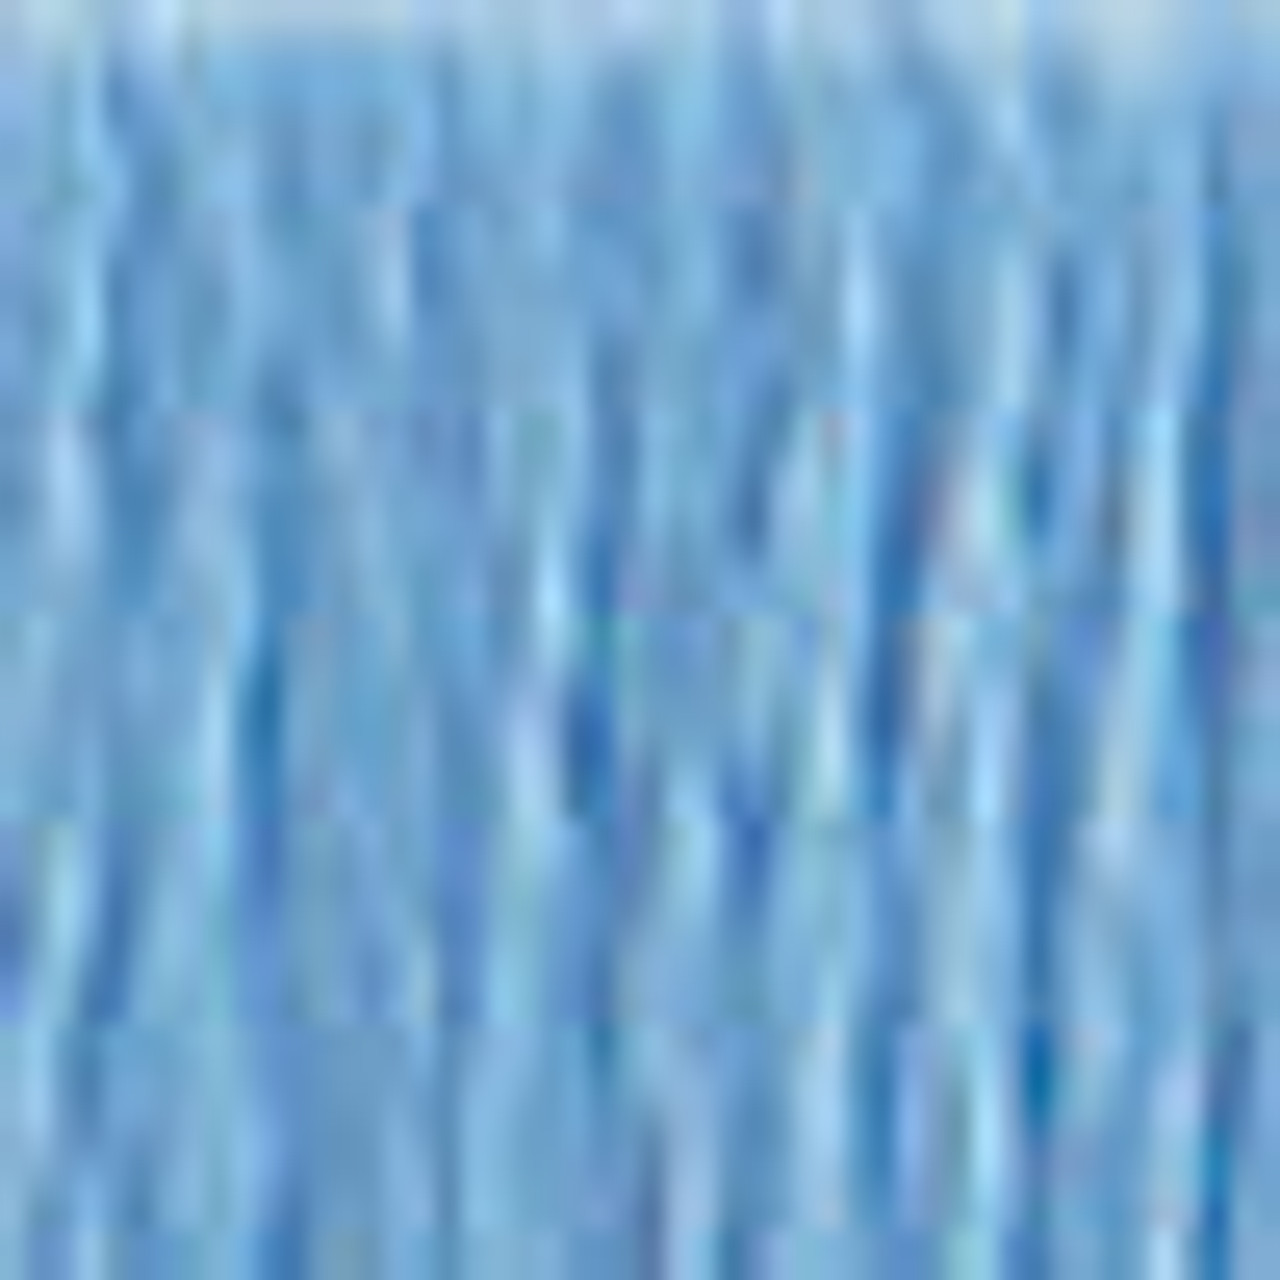 DMC # 794 Light Cornflower Blue Floss / Thread